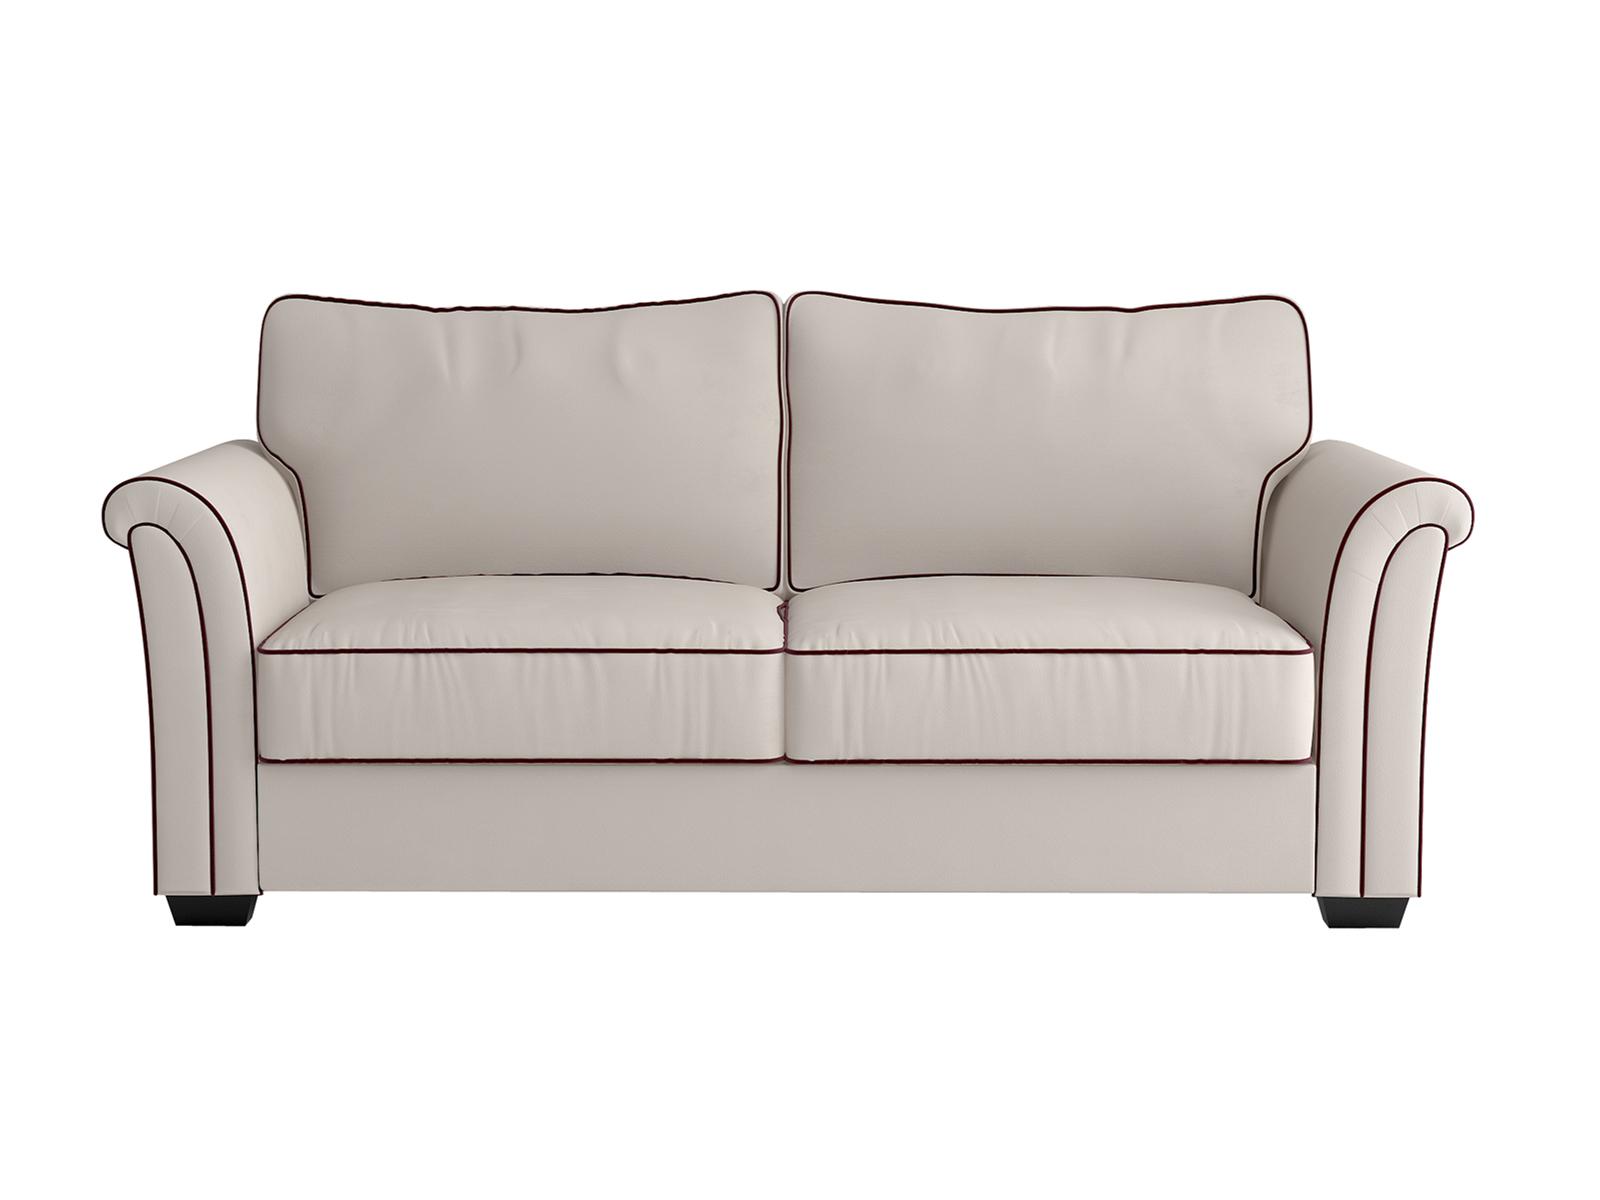 Диван-кровать двухместный SydneyДиваны и кушетки<br>Диван-кровать двухместный с мгким удобным сиденьем и механизмом трансформации Sedaflex. Размер спального места 1840х1330 мм.<br>